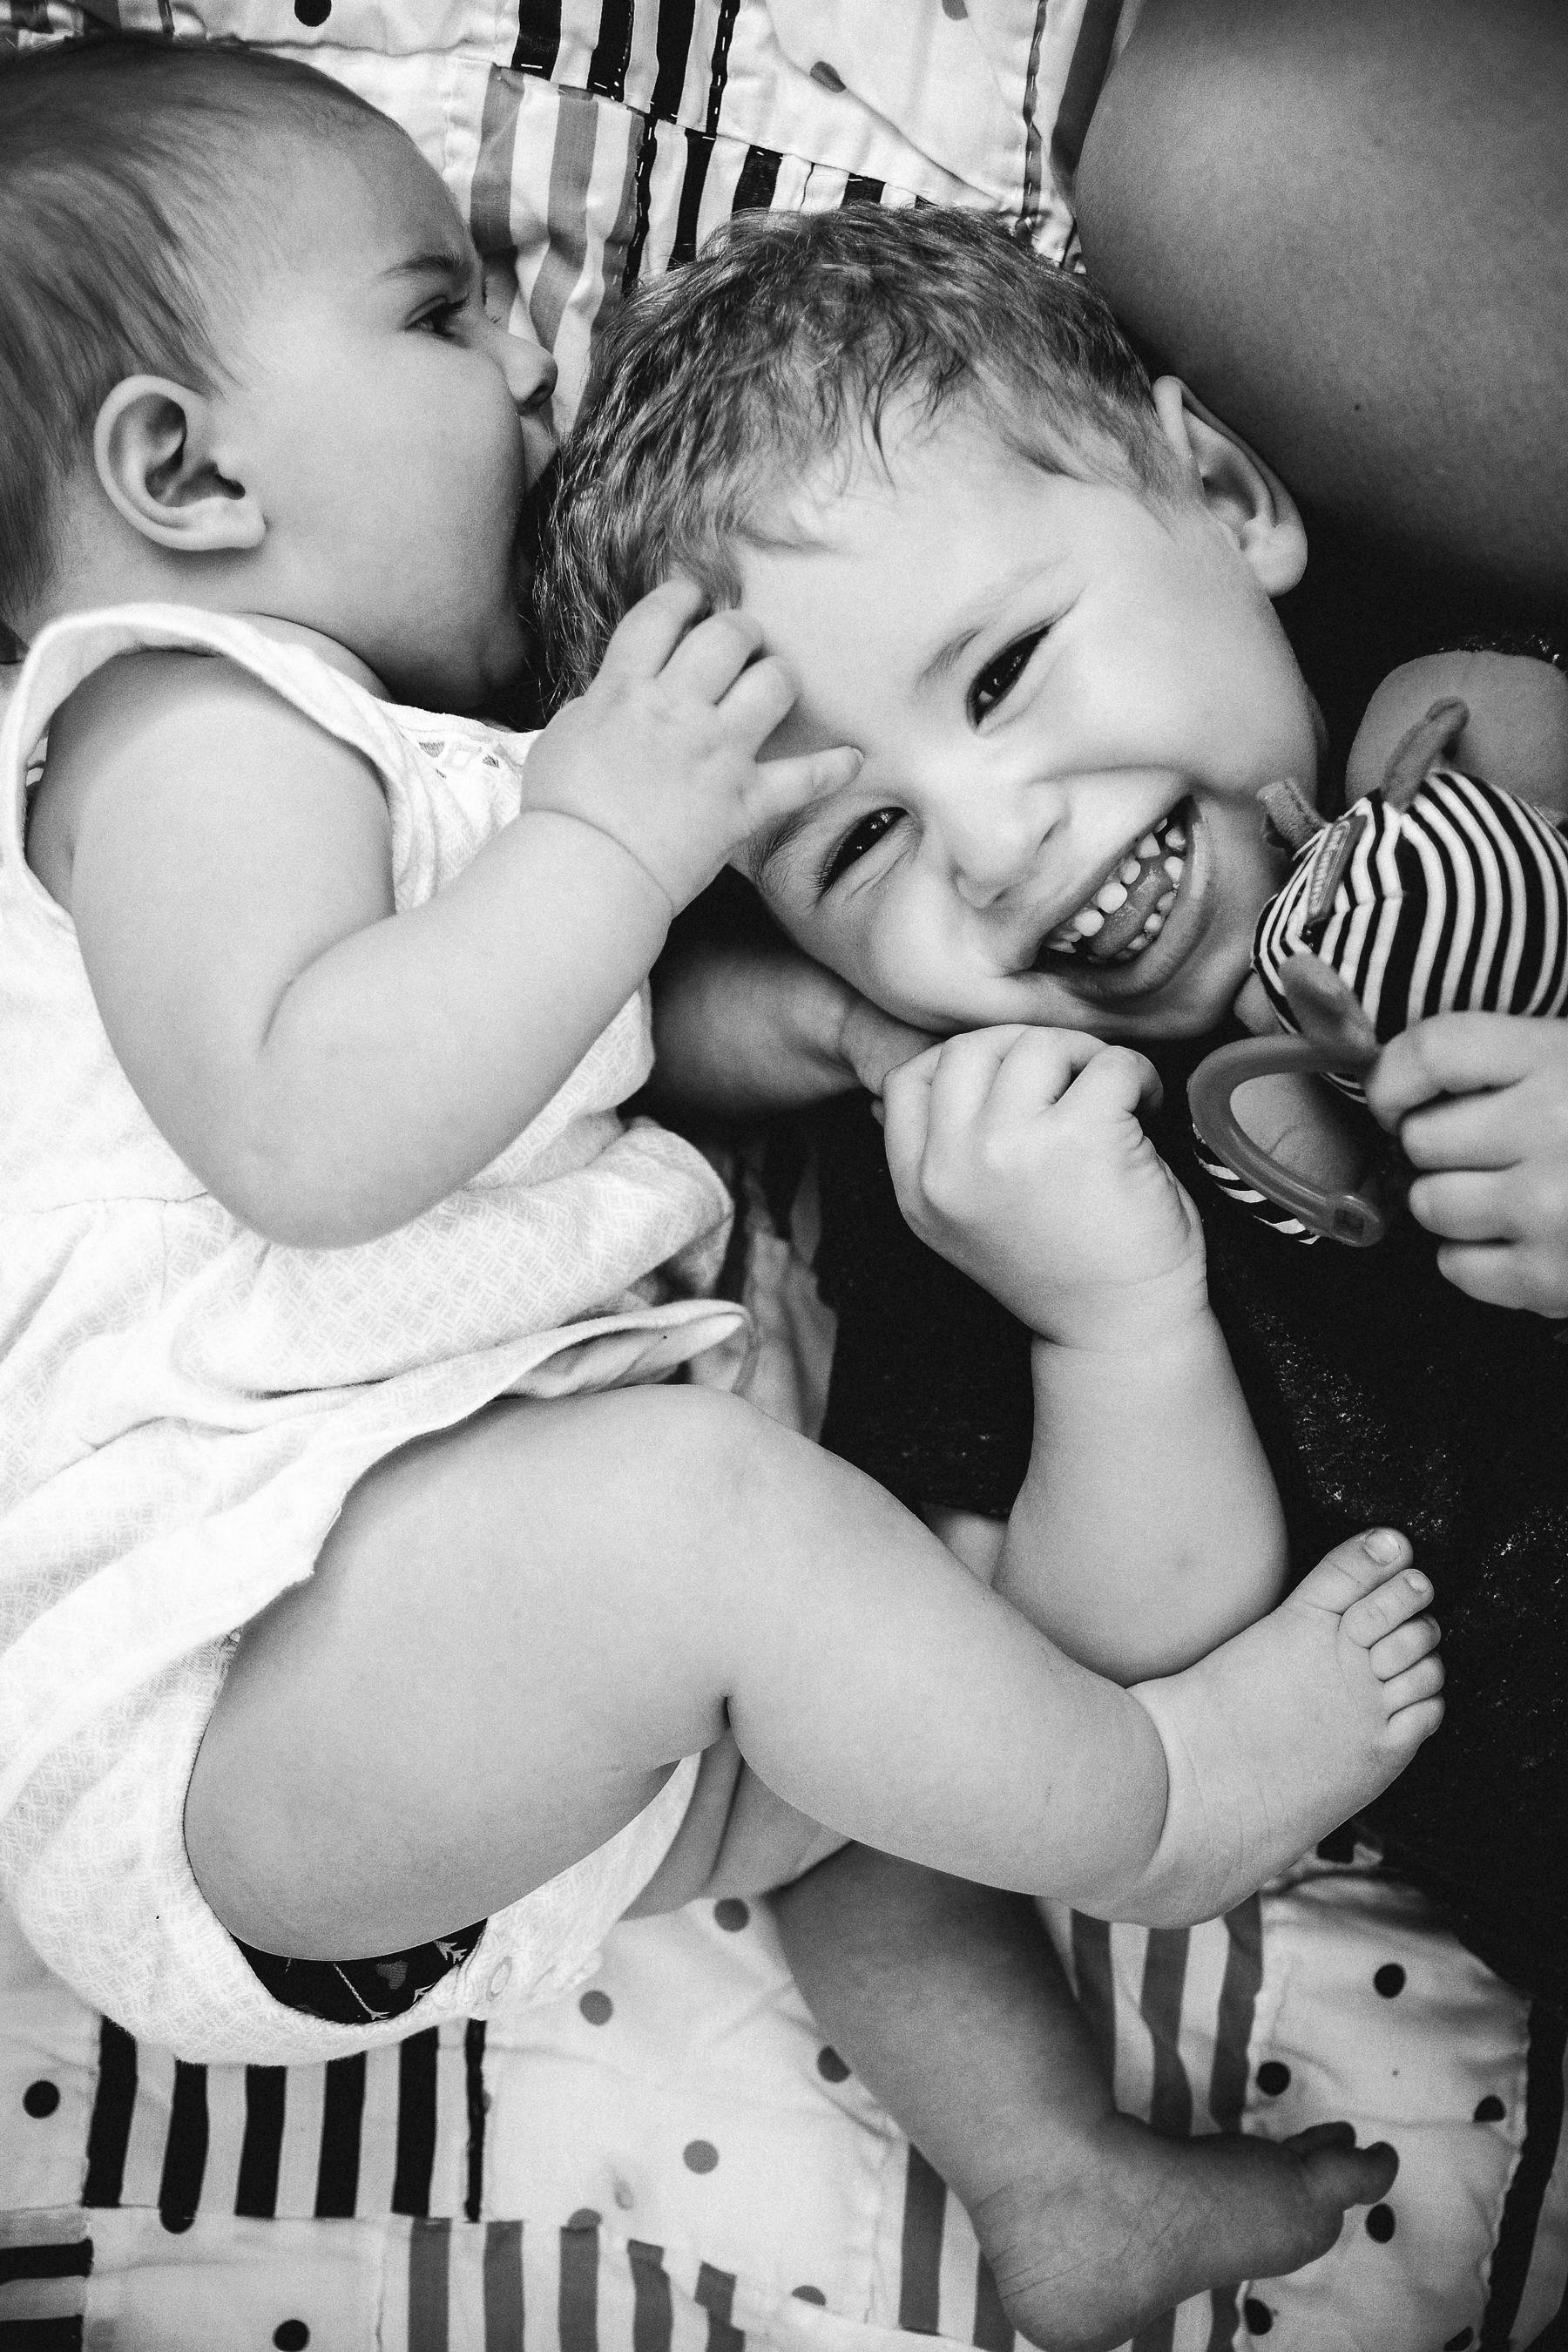 photo-d-un-bebe-couche-par-terre-qui-embrasse-son-frere-qui-rit-photographe-lifestyle-famille-et-nouveau-ne-a-montreal-marianne-charland-1.jpg